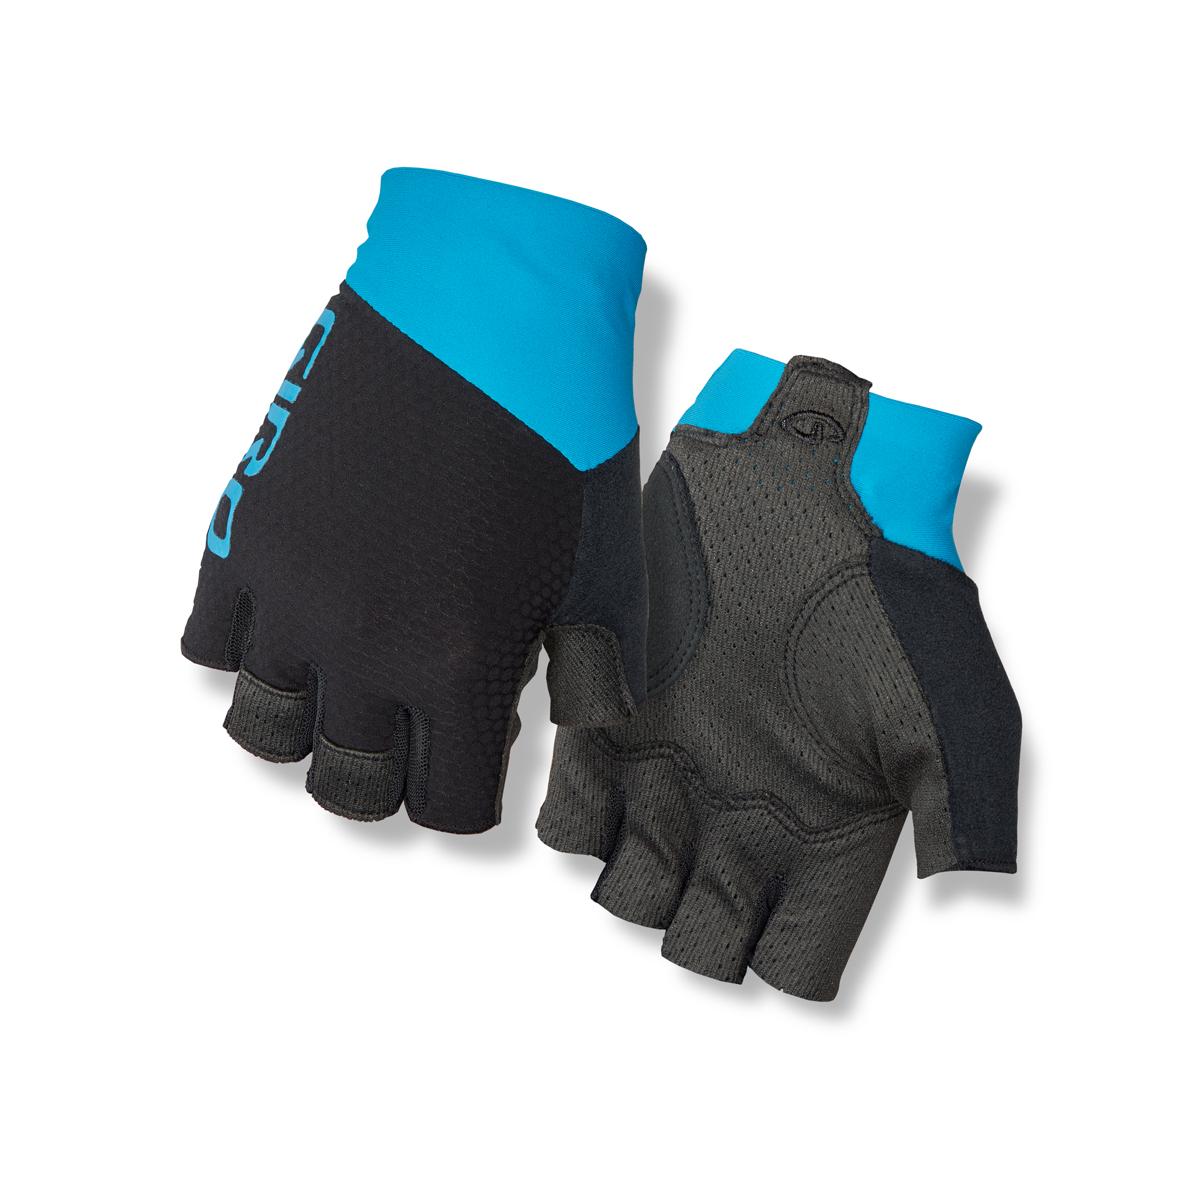 giro zero cs fahrrad handschuhe kurz schwarz blau 2018. Black Bedroom Furniture Sets. Home Design Ideas